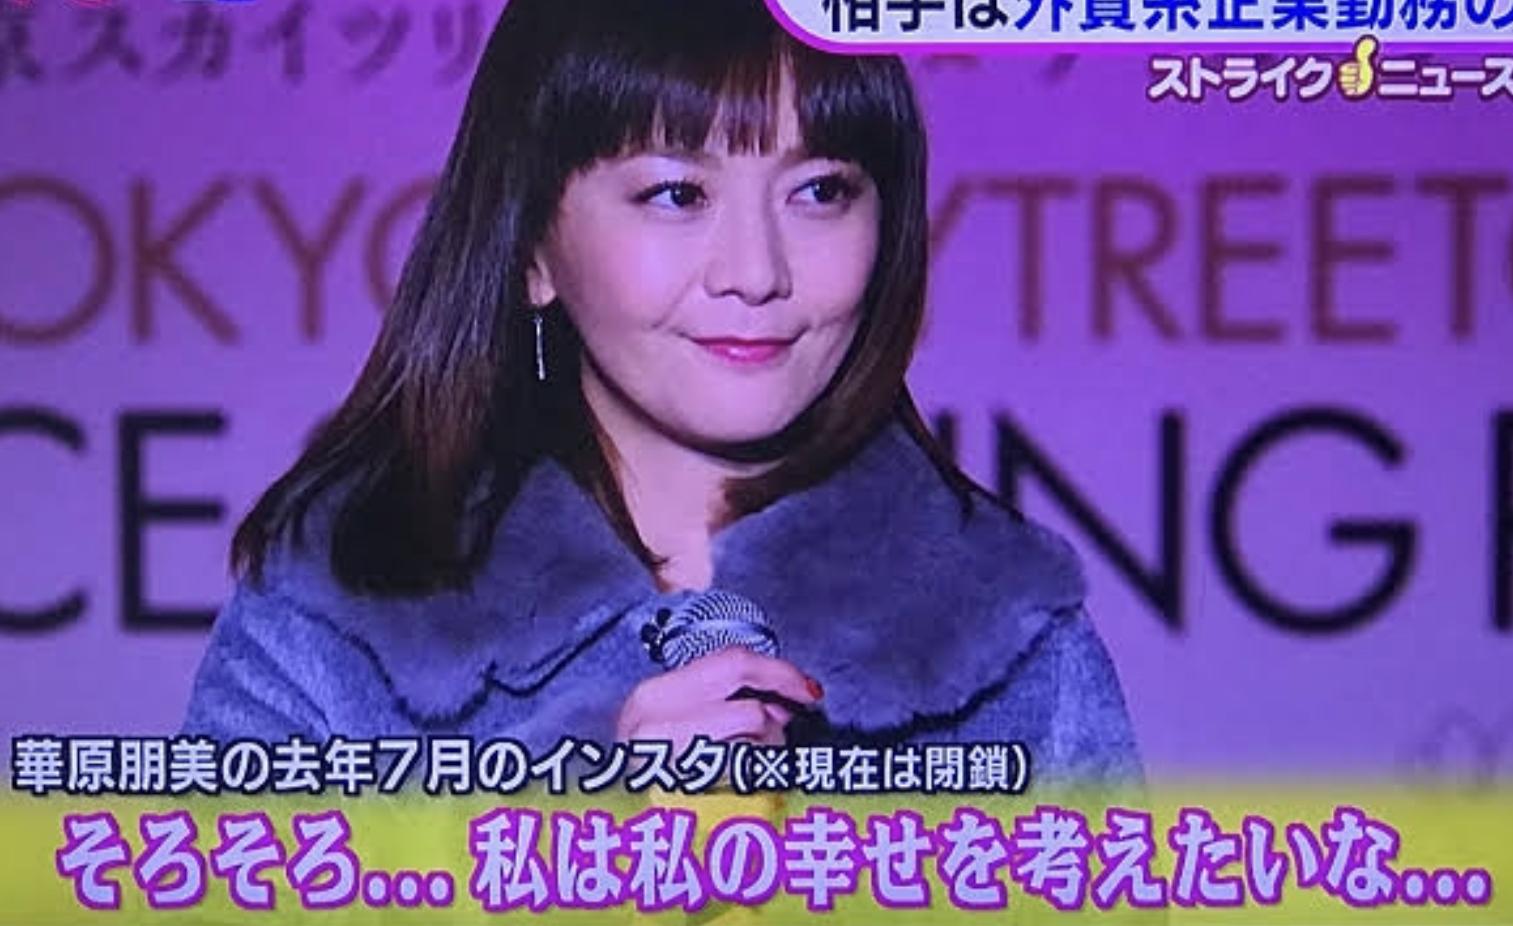 華原朋美 44歳にして妊娠 突然の「おめでた」に、拭えない不倫疑惑